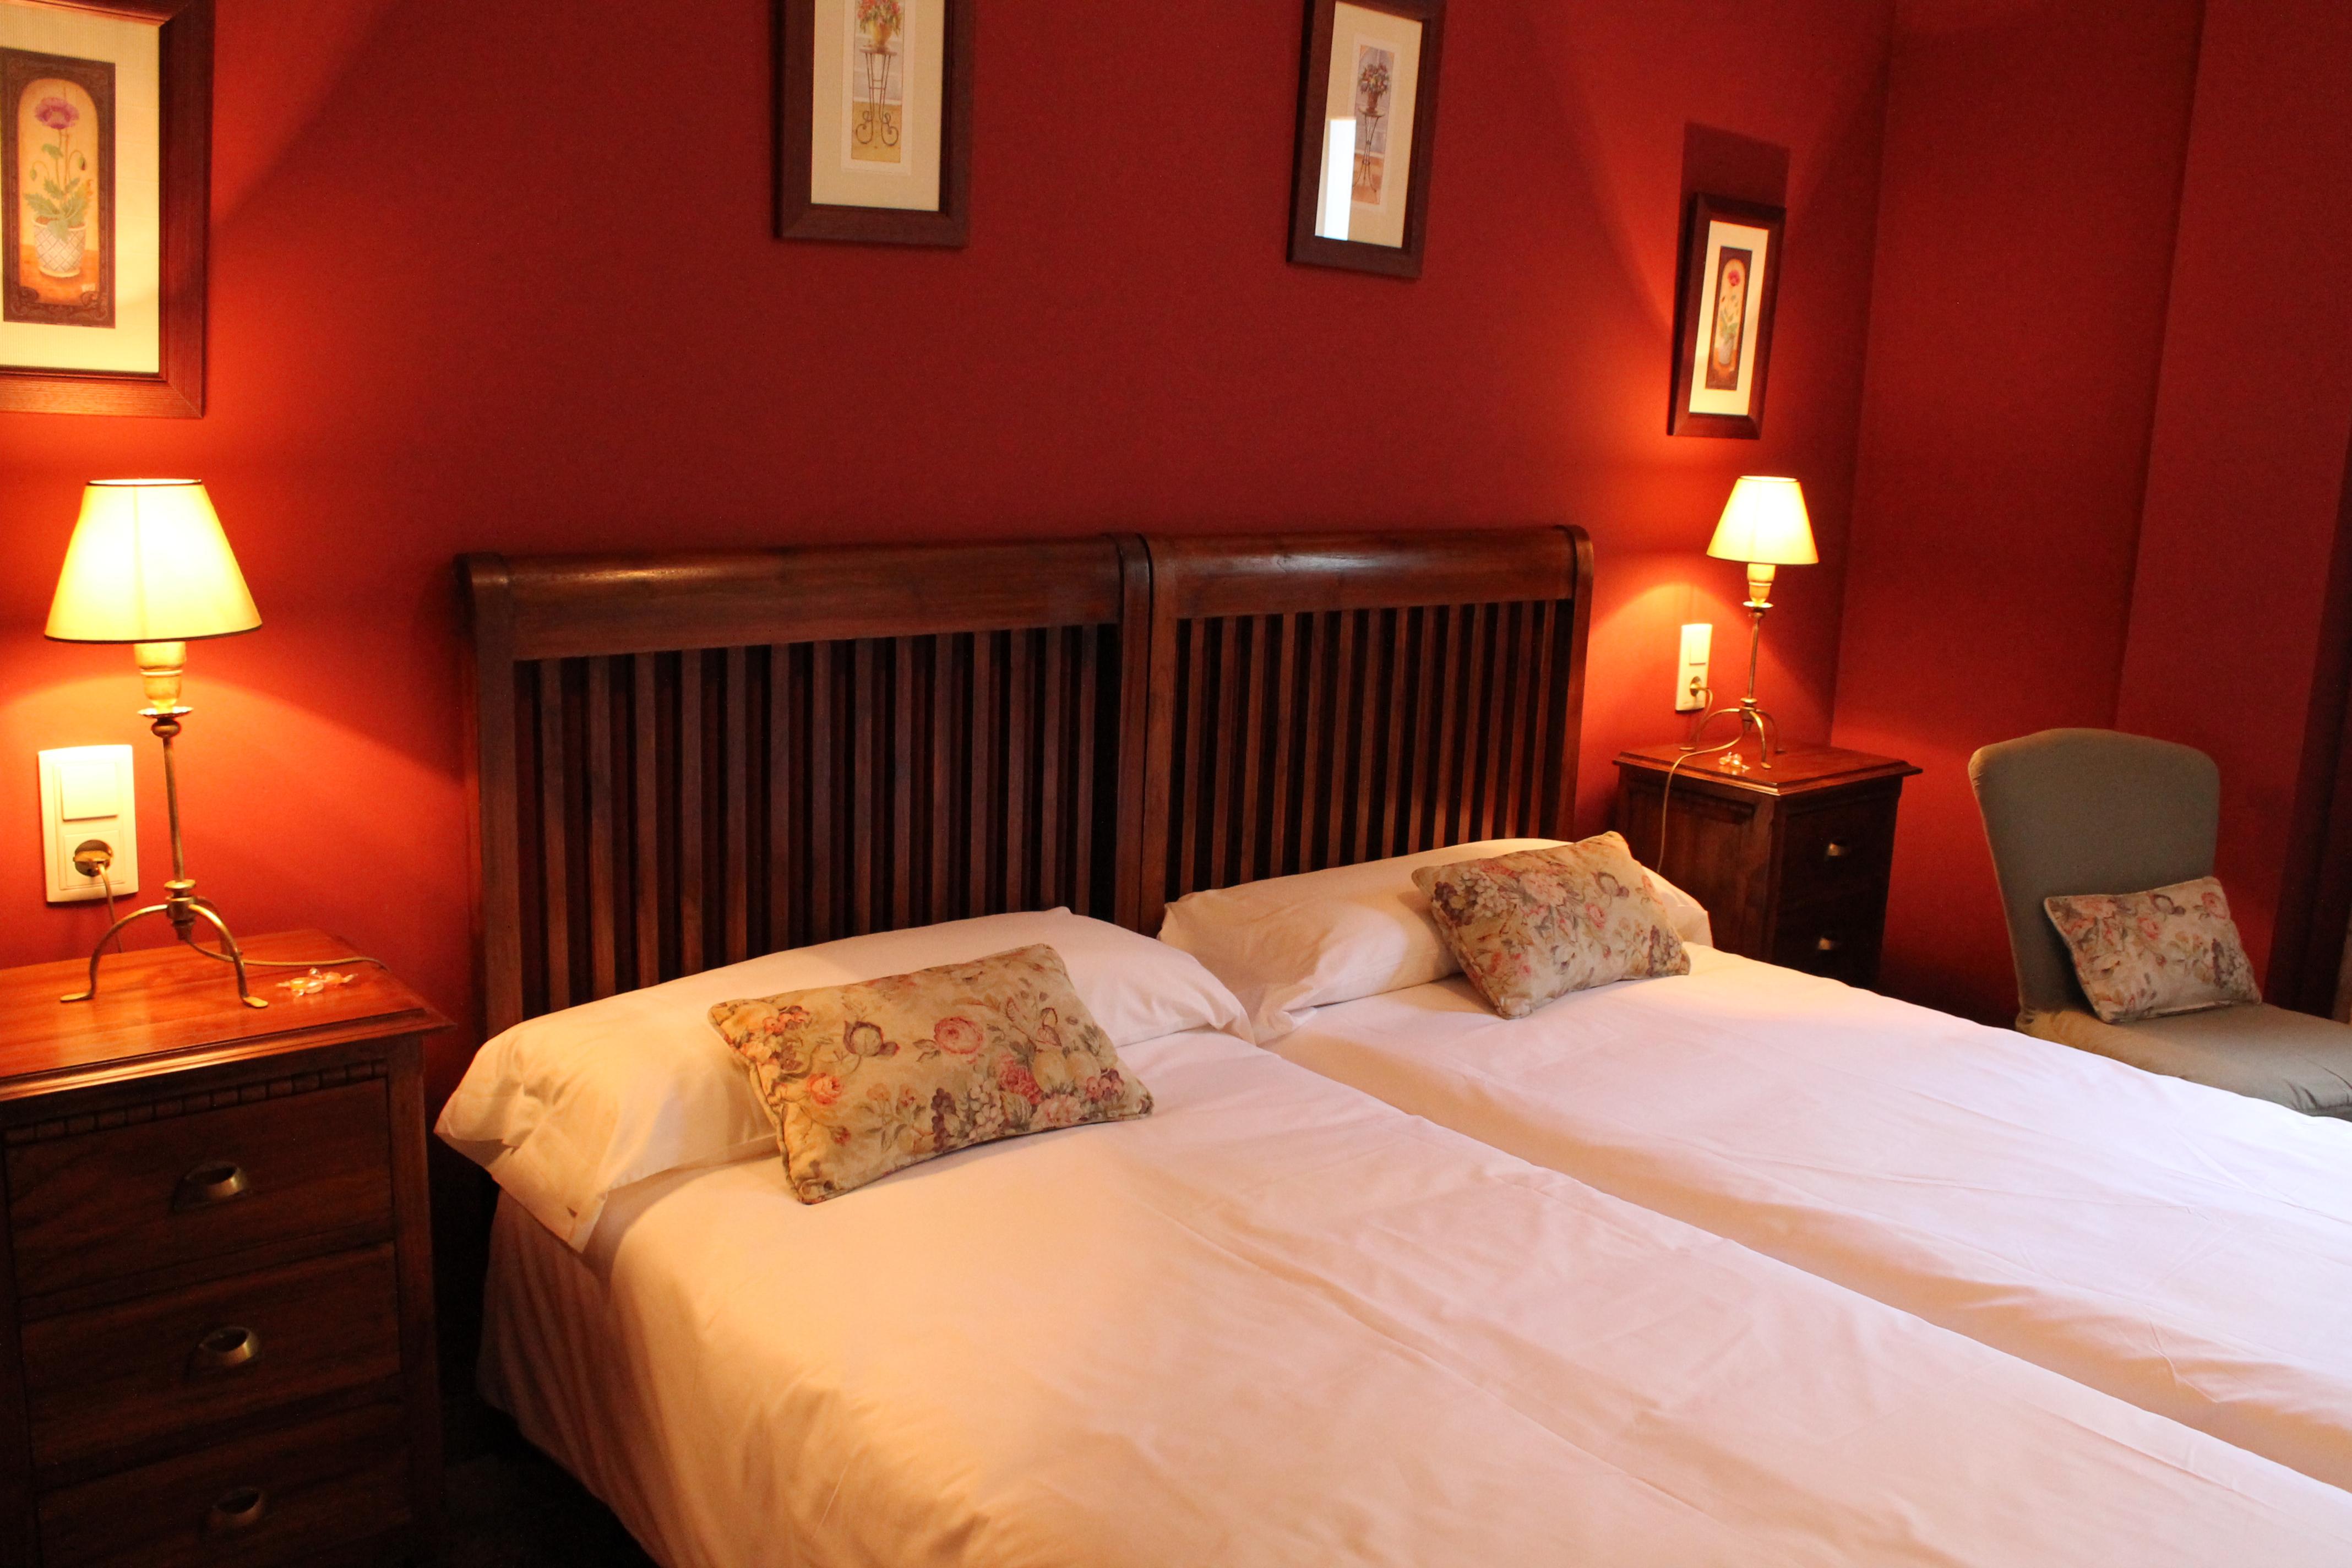 hotel_moli_de_l_hereu_habitacio_sant_roc.jpg